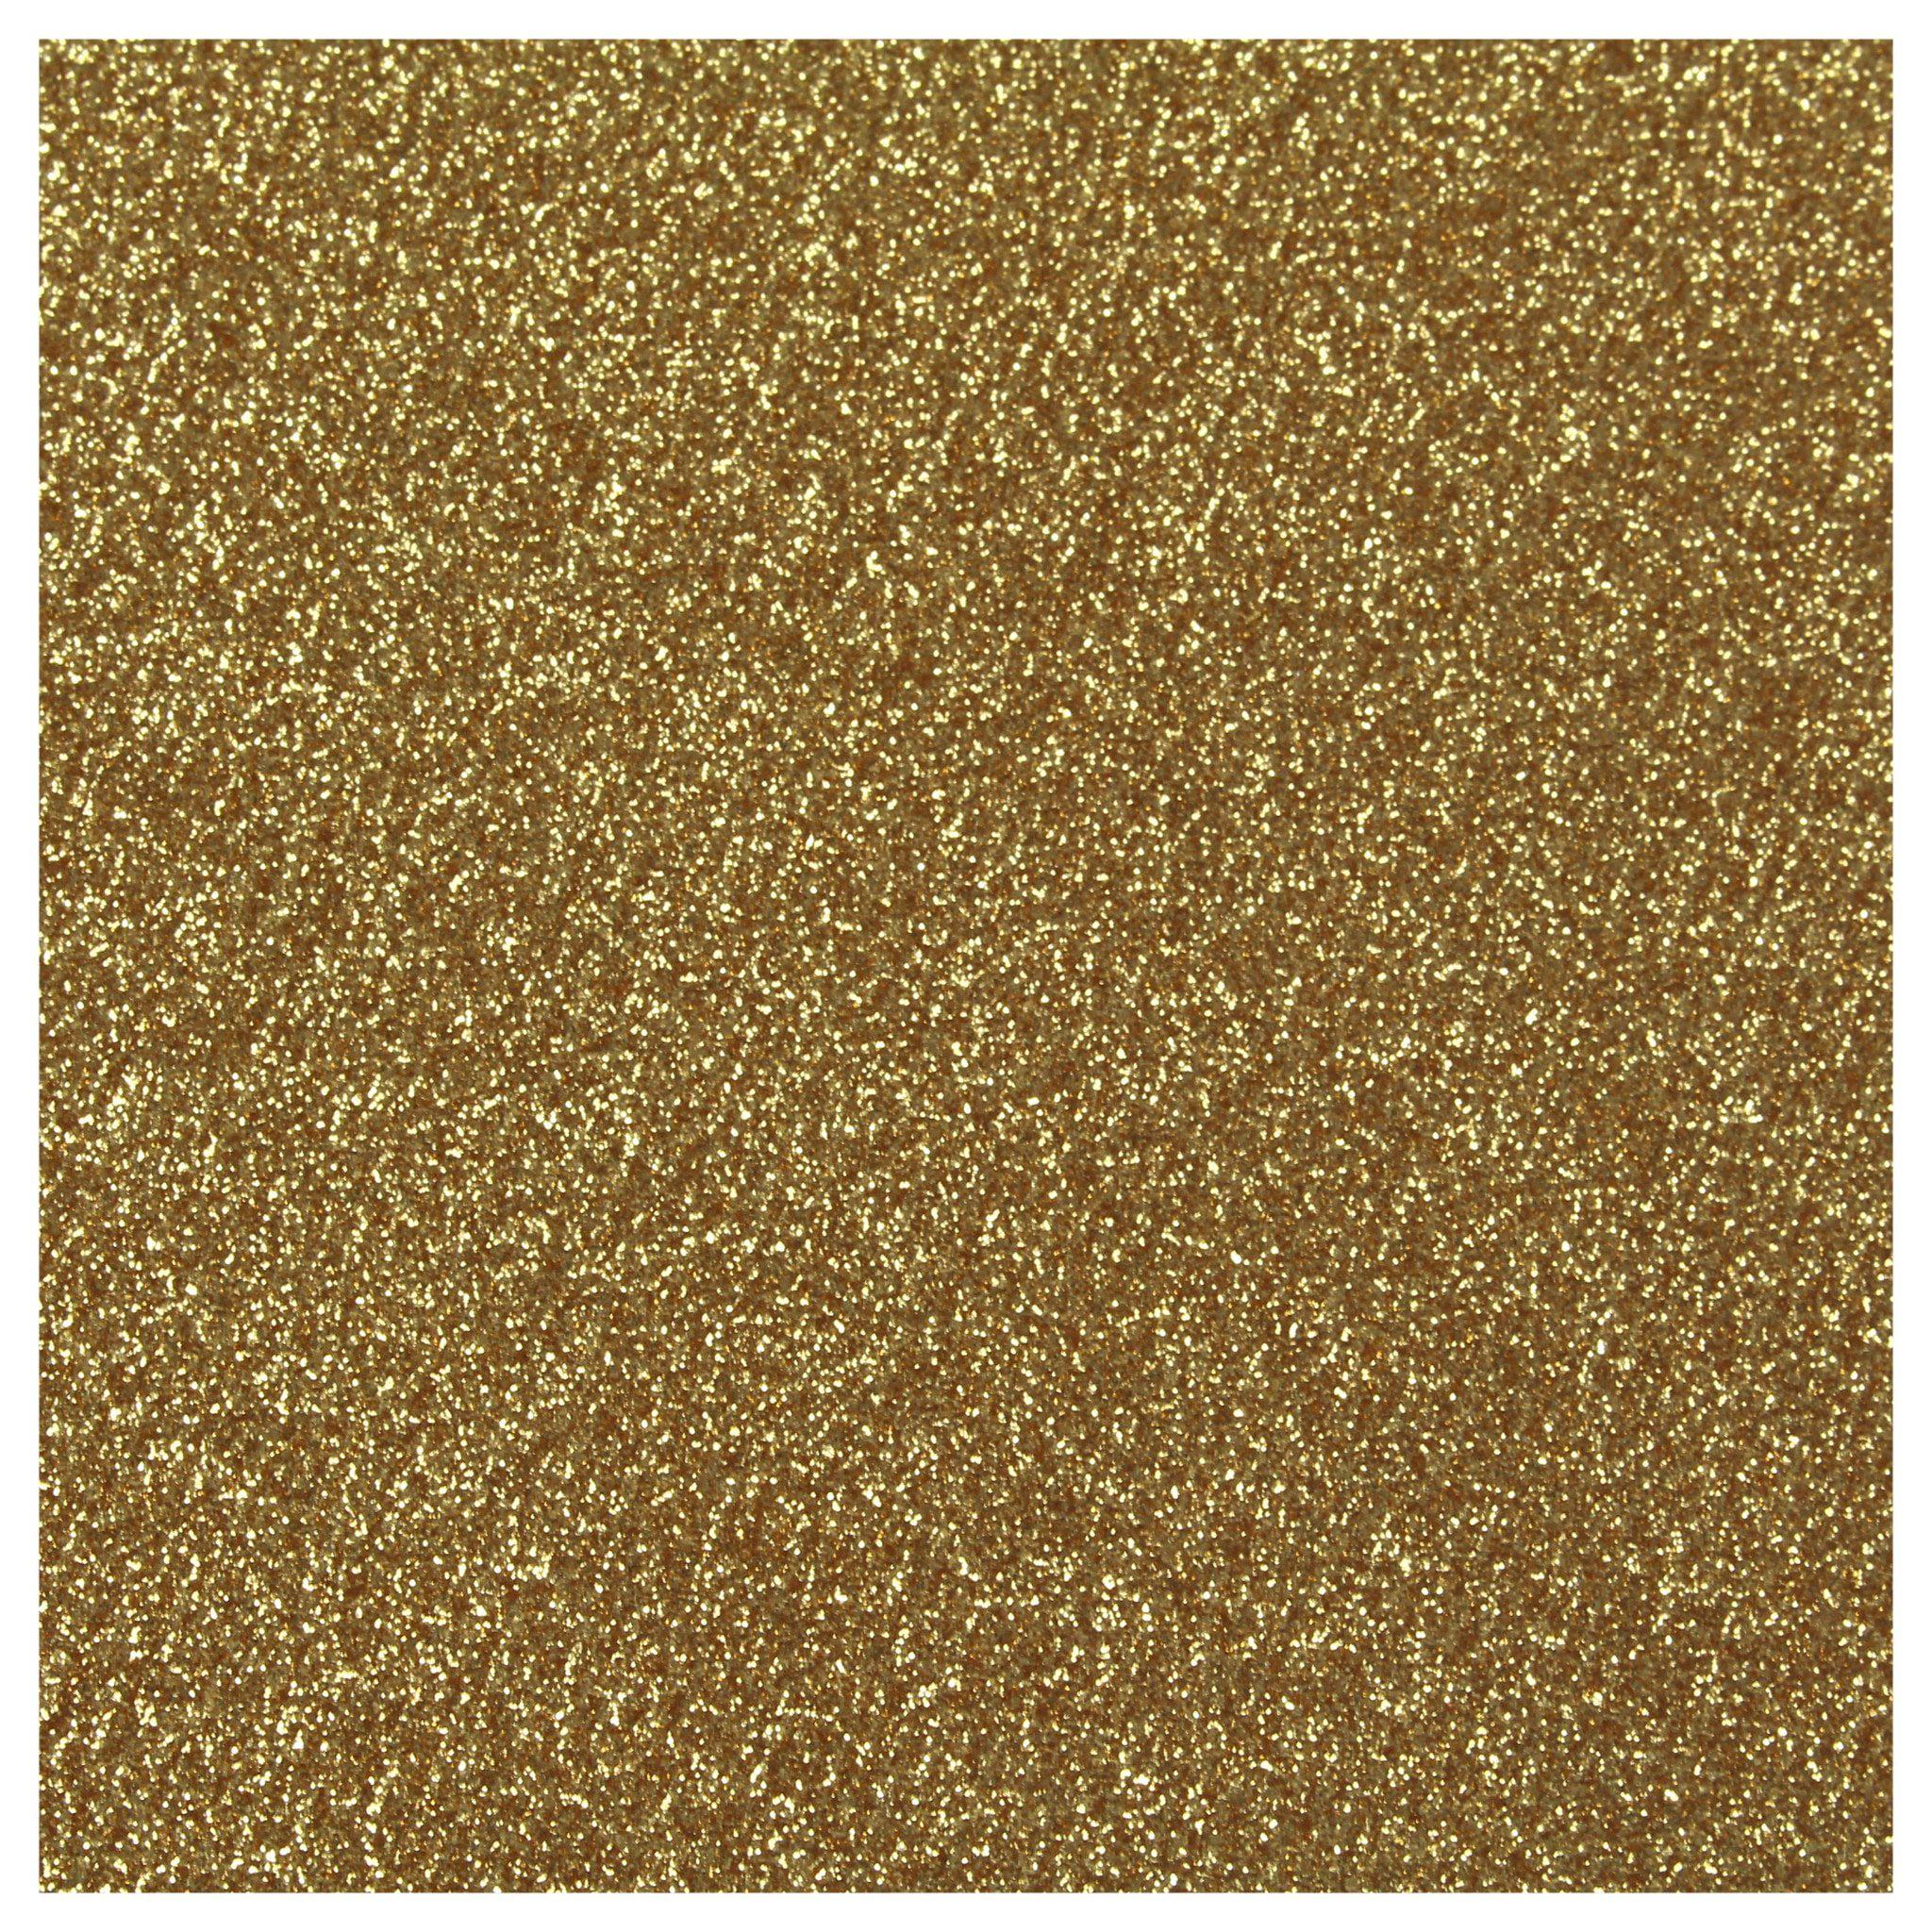 Siser Glitter Heat Transfer Material - Old Gold